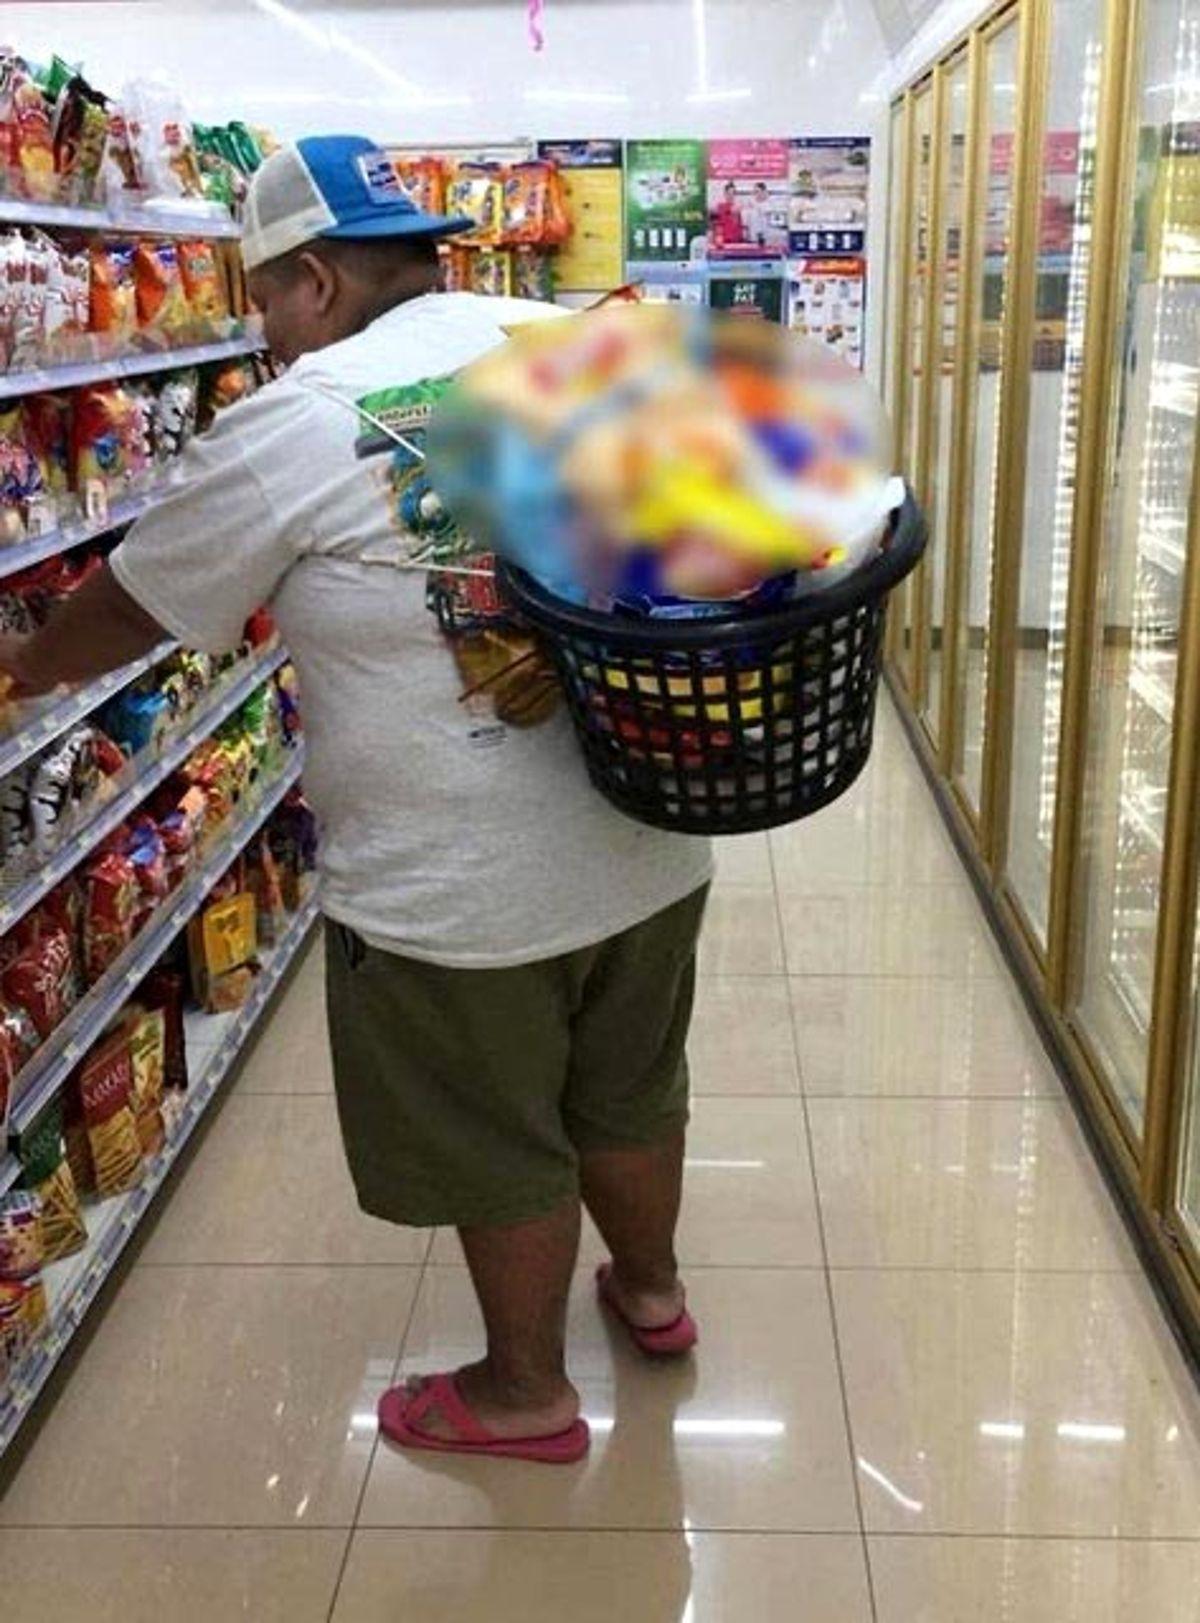 Tayland'da Poşet Yasaklandı Halk Bakın Nasıl Alışveriş Yaptı